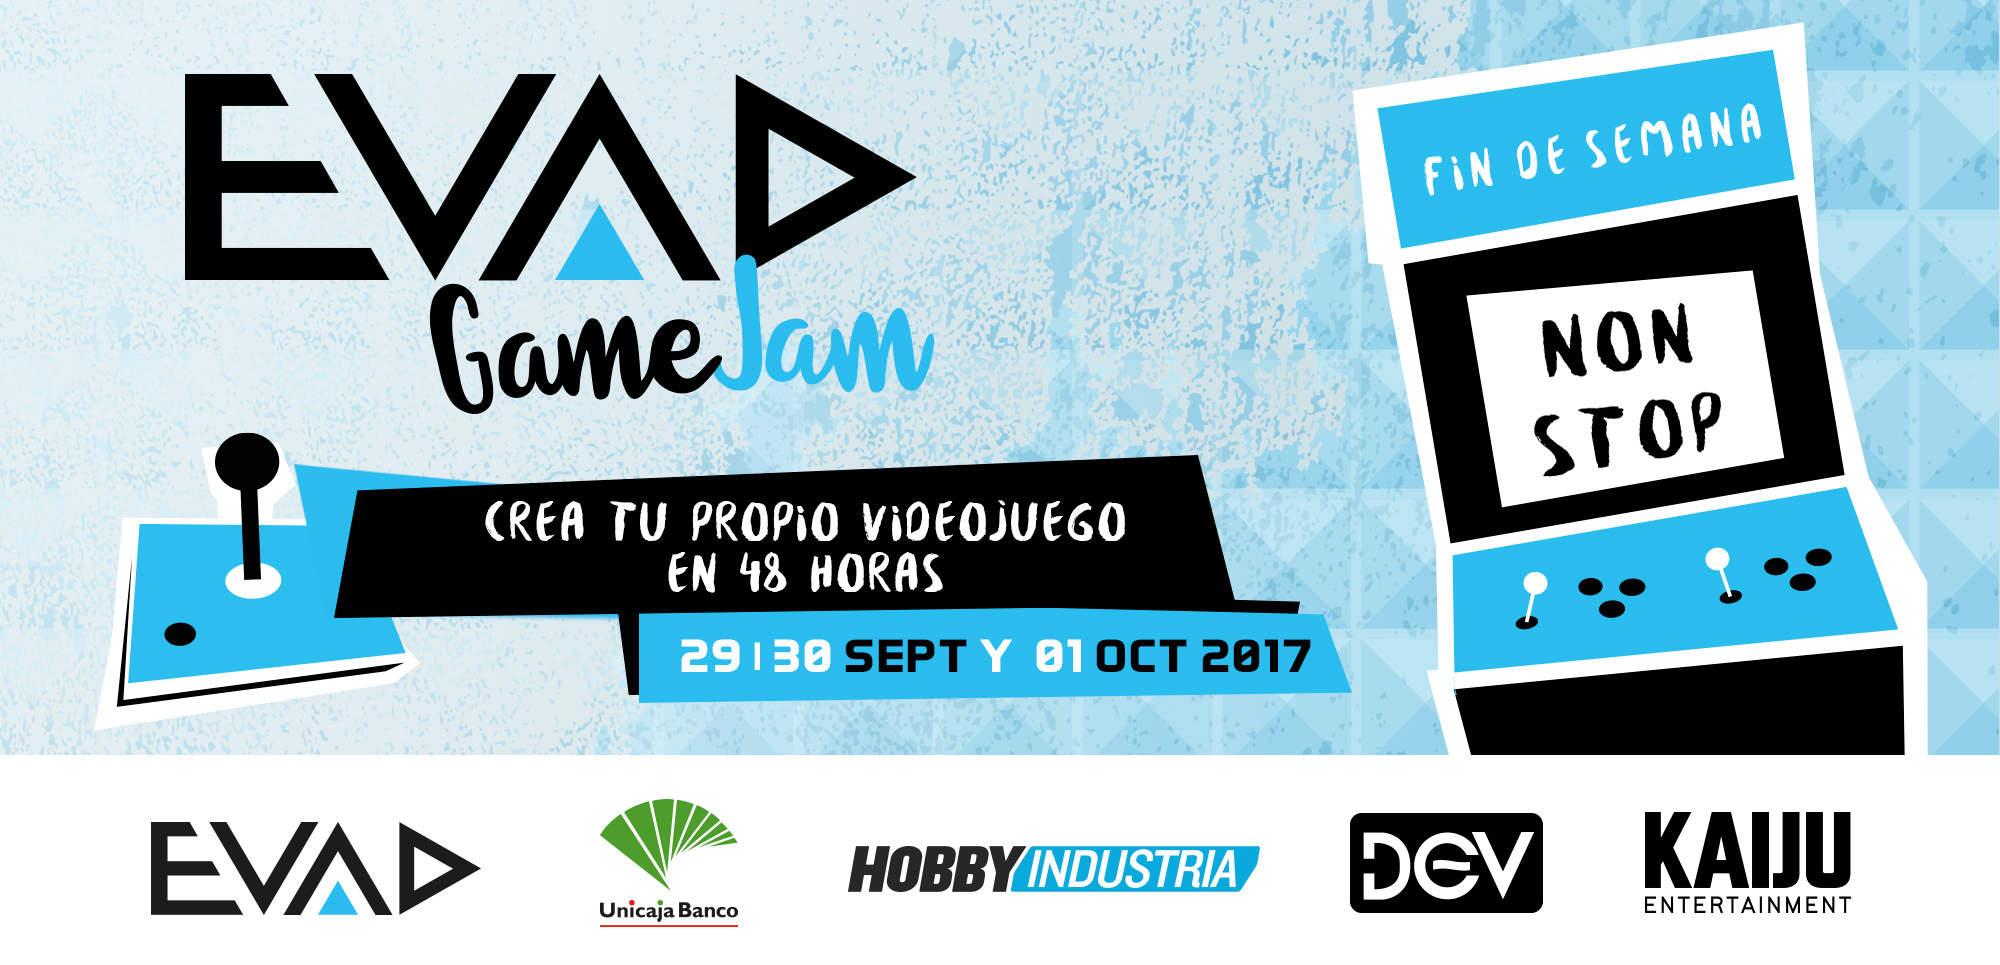 EVAD Game Jam